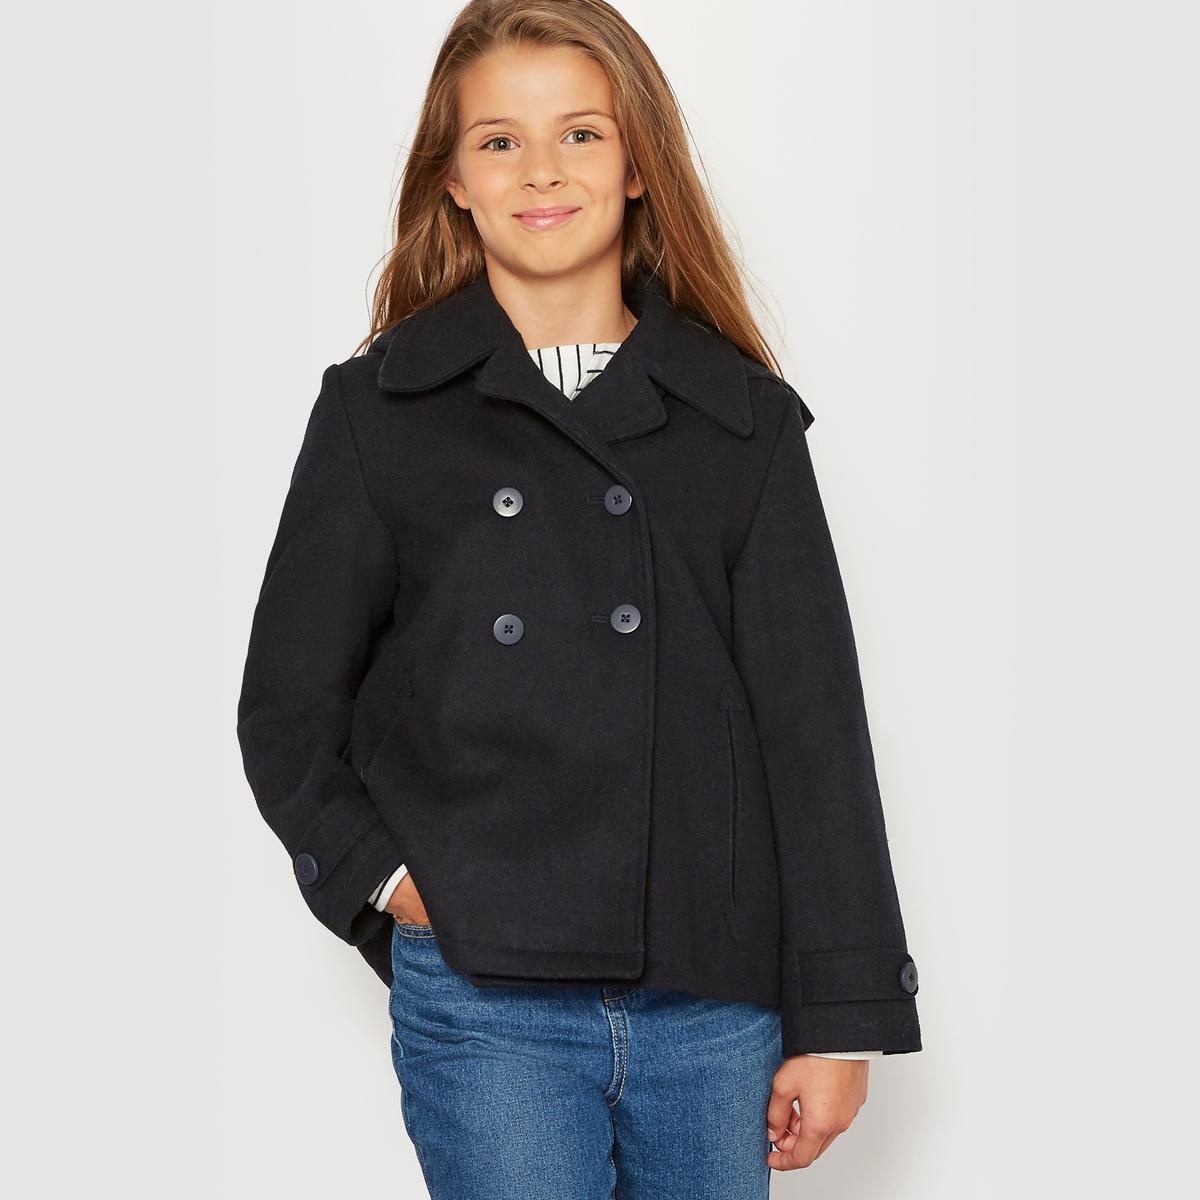 Куртка короткая из шерстяного драпа, 10-16 летКороткая куртка из шерстяного драпа. Пиджачный воротник. Съемный капюшон на подкладке. Двубортная планка застежки. 2 прорезных кармана спереди. Подкладка в горошек. Состав и описание : Материал Шерстяной драп 57% шерсти, 33% полиэстера, 10% других волоконПодкладка    100% полиэстераМарка       R essentielУход :Машинная стирка при 30 °C с вещами схожих цветов.Стирка и глажка с изнаночной стороны.Машинная сушка запрещена.Гладить при умеренной температуре.<br><br>Цвет: синий морской<br>Размер: 16 лет